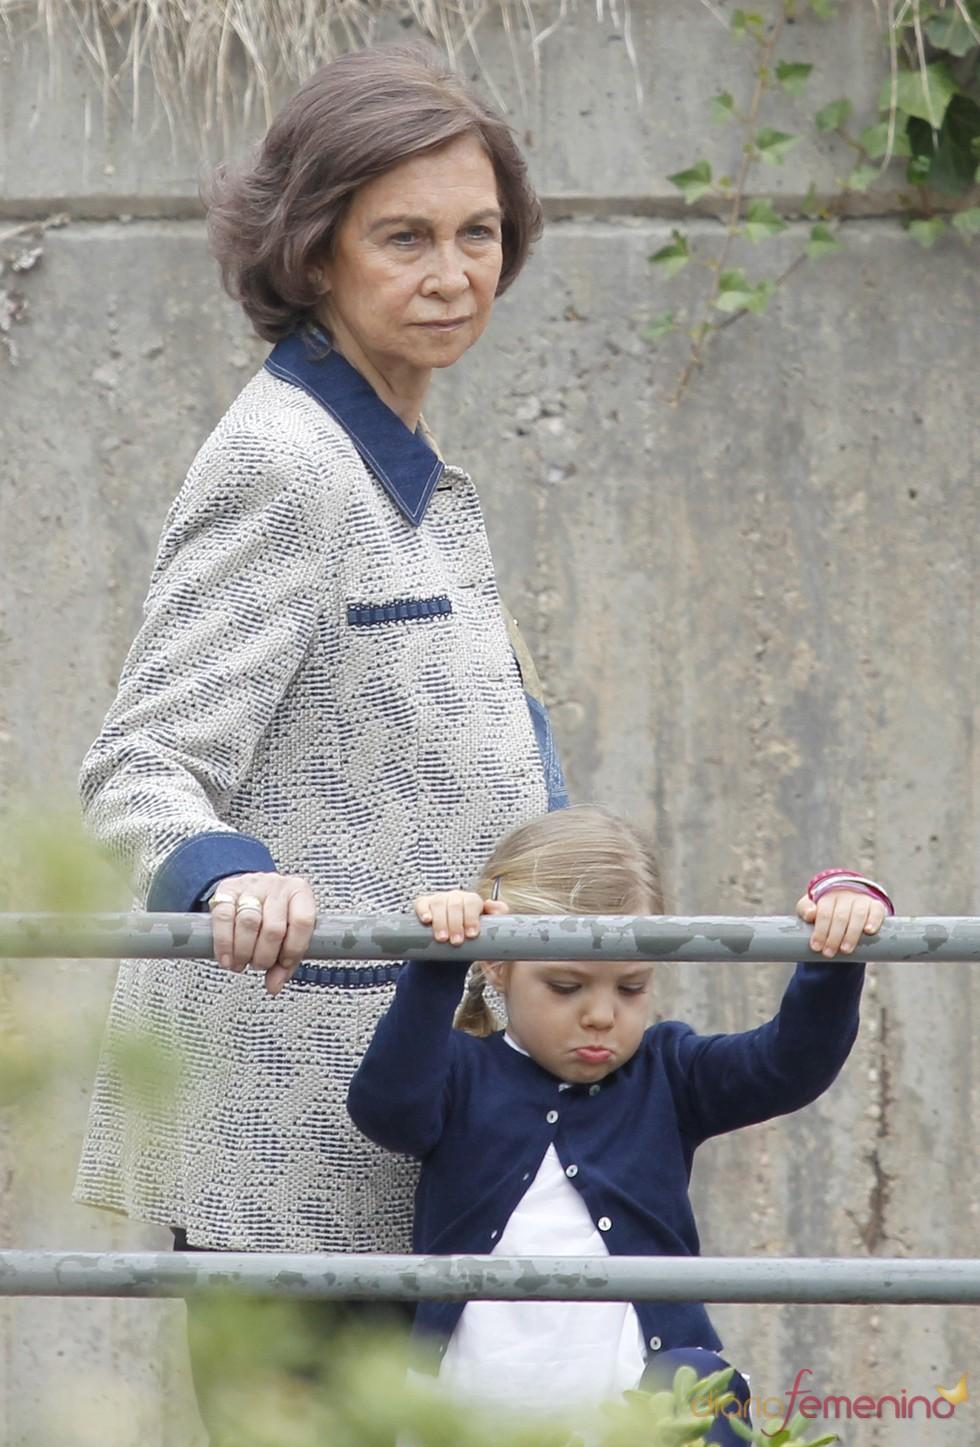 La Reina Sofía y su nieta la Infanta Sofía en el zoo de Madrid